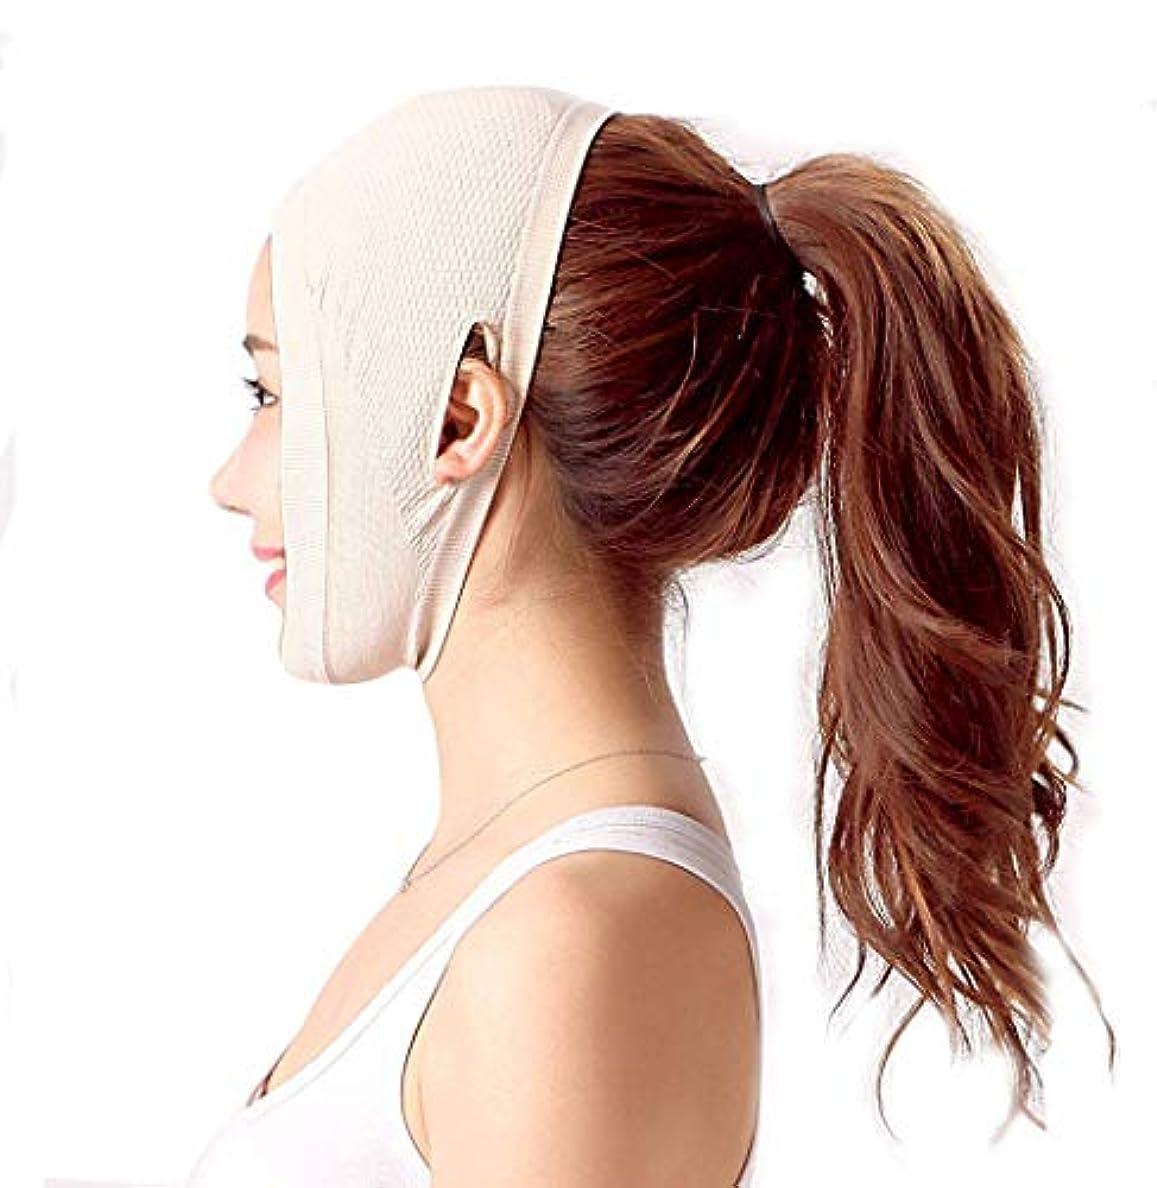 男らしさペチュランス難しいHUYYA Vライン頬、女性の顔を持ち上げるベルト 二重あごの減量顔 しわ防止包帯,Flesh_X-Large